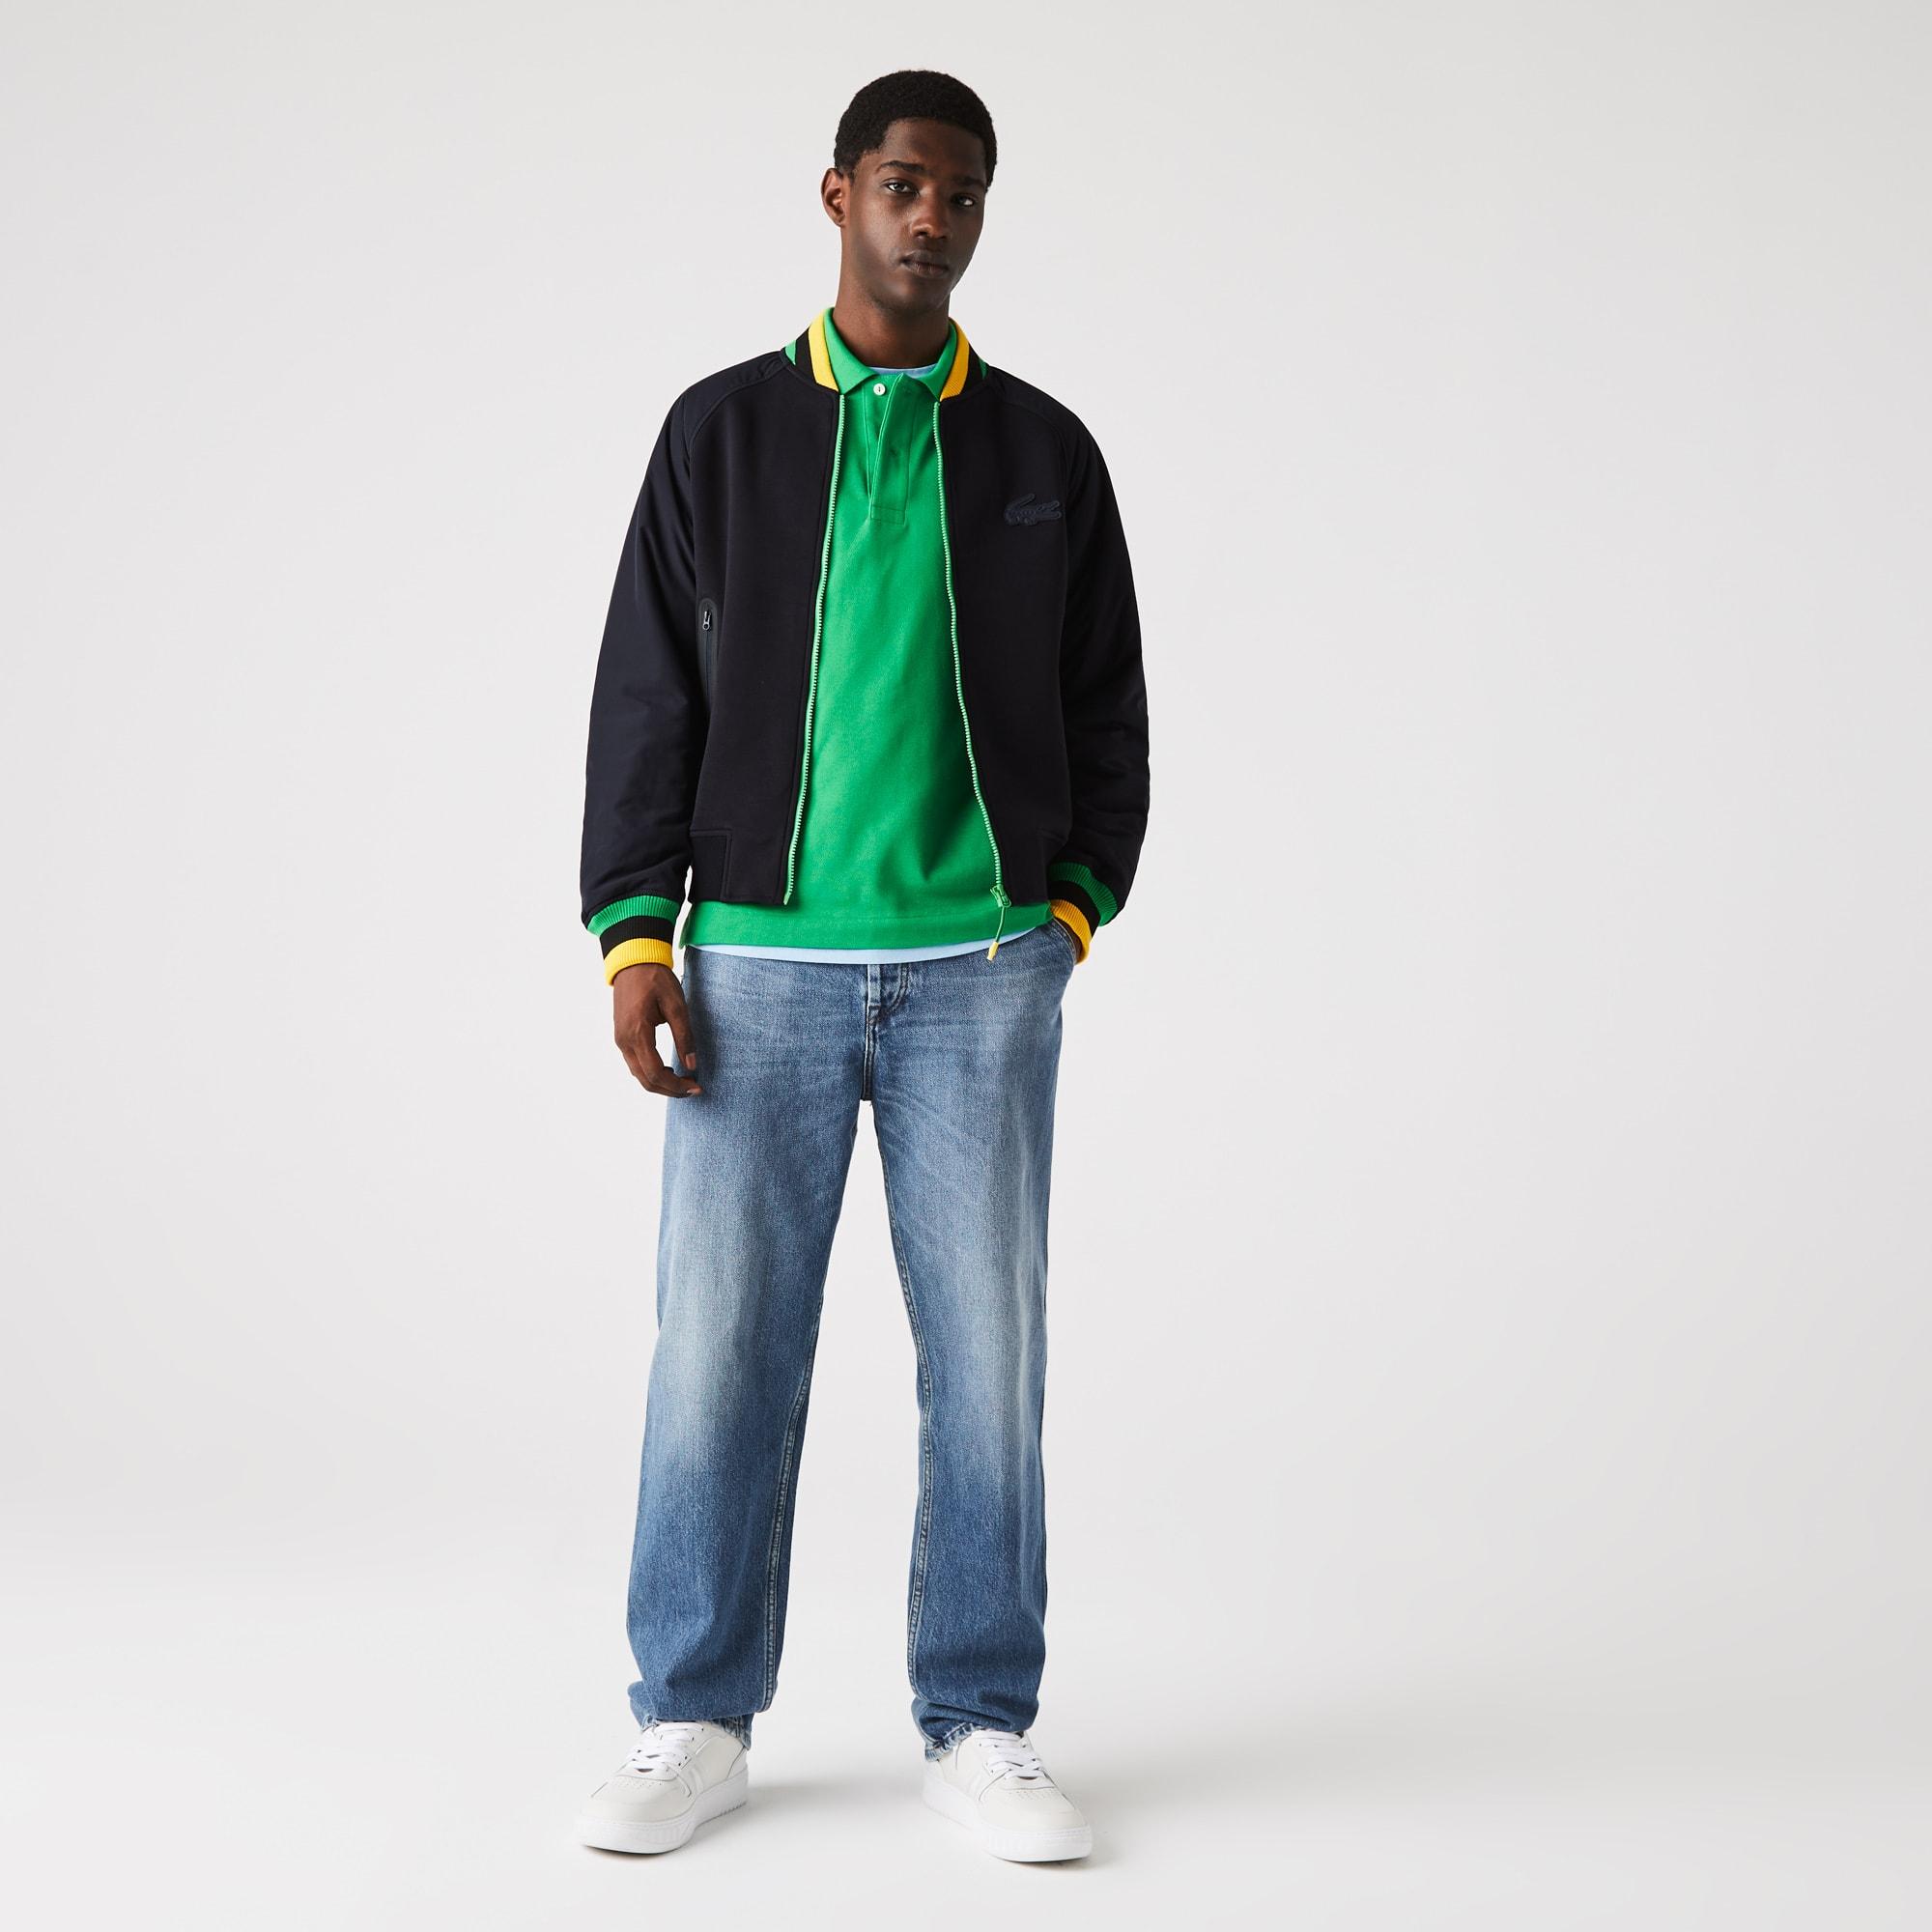 라코스테 Lacoste Men's Quilted Sleeve Bimaterial Teddy Jacket,Yellow / Black / Green / Navy Blue 01U